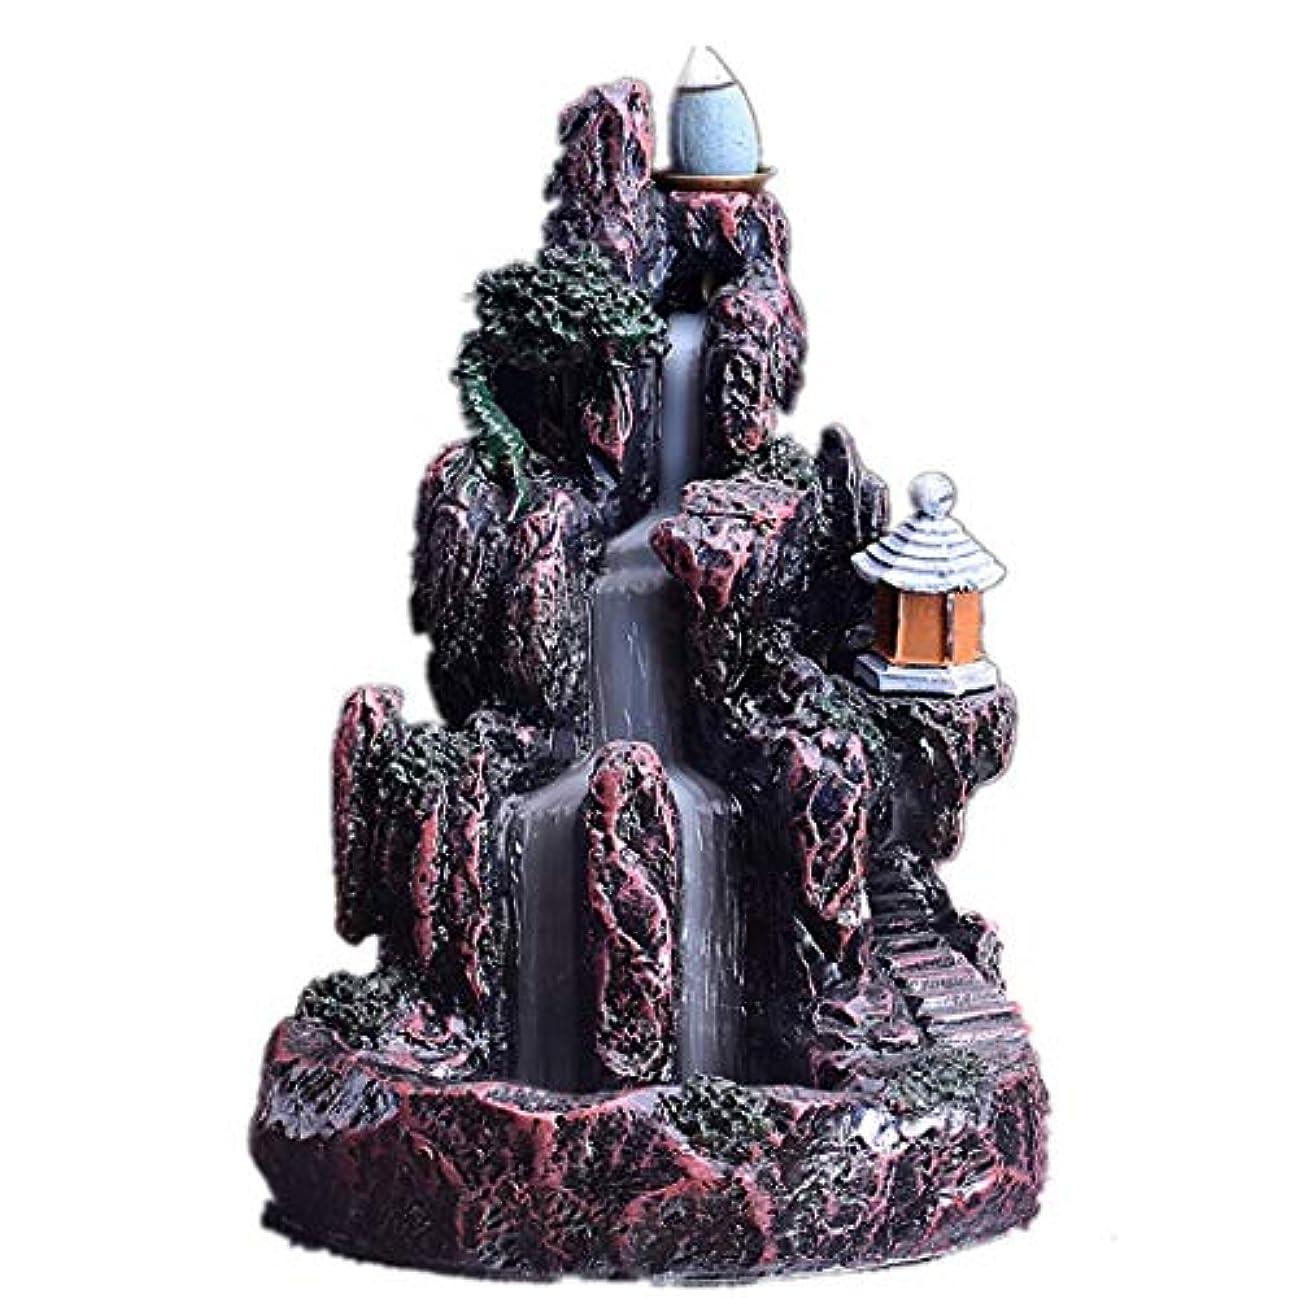 権限を与えるダルセットバターXPPXPP Backflow Incense Burner, Household Ceramic Returning Cone-shaped Candlestick Burner